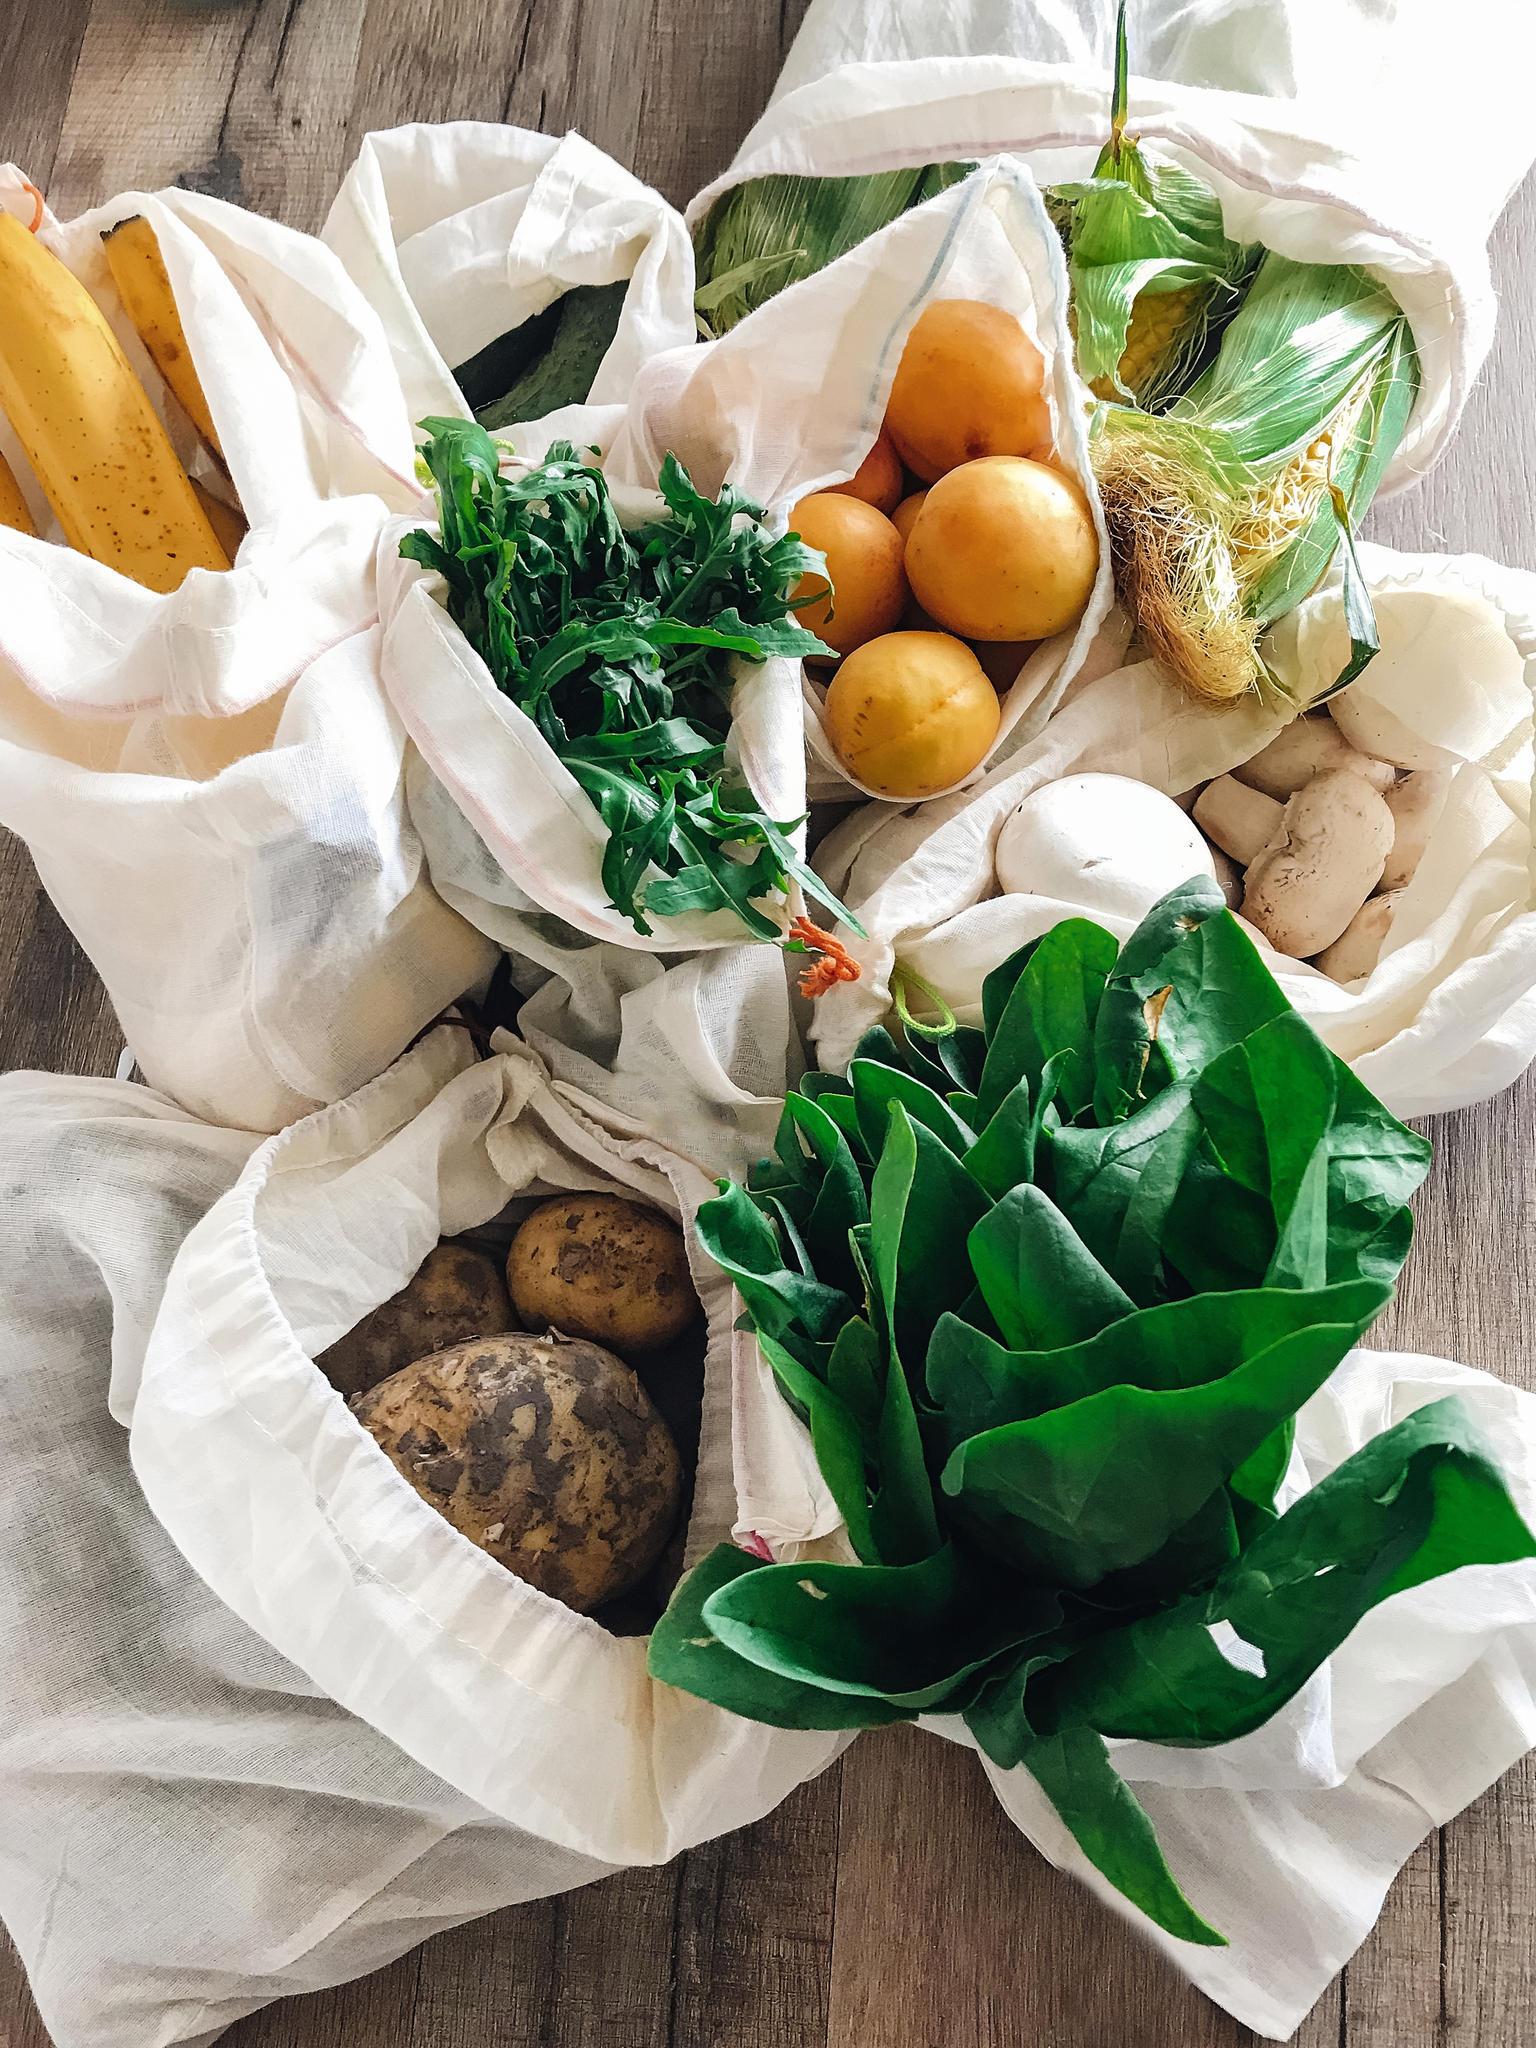 Obst und Gemüse muss man nicht in Plastiktüten verstauen, sie können auch in nachhaltigen Netzen oder Beuteln transportiert werden.